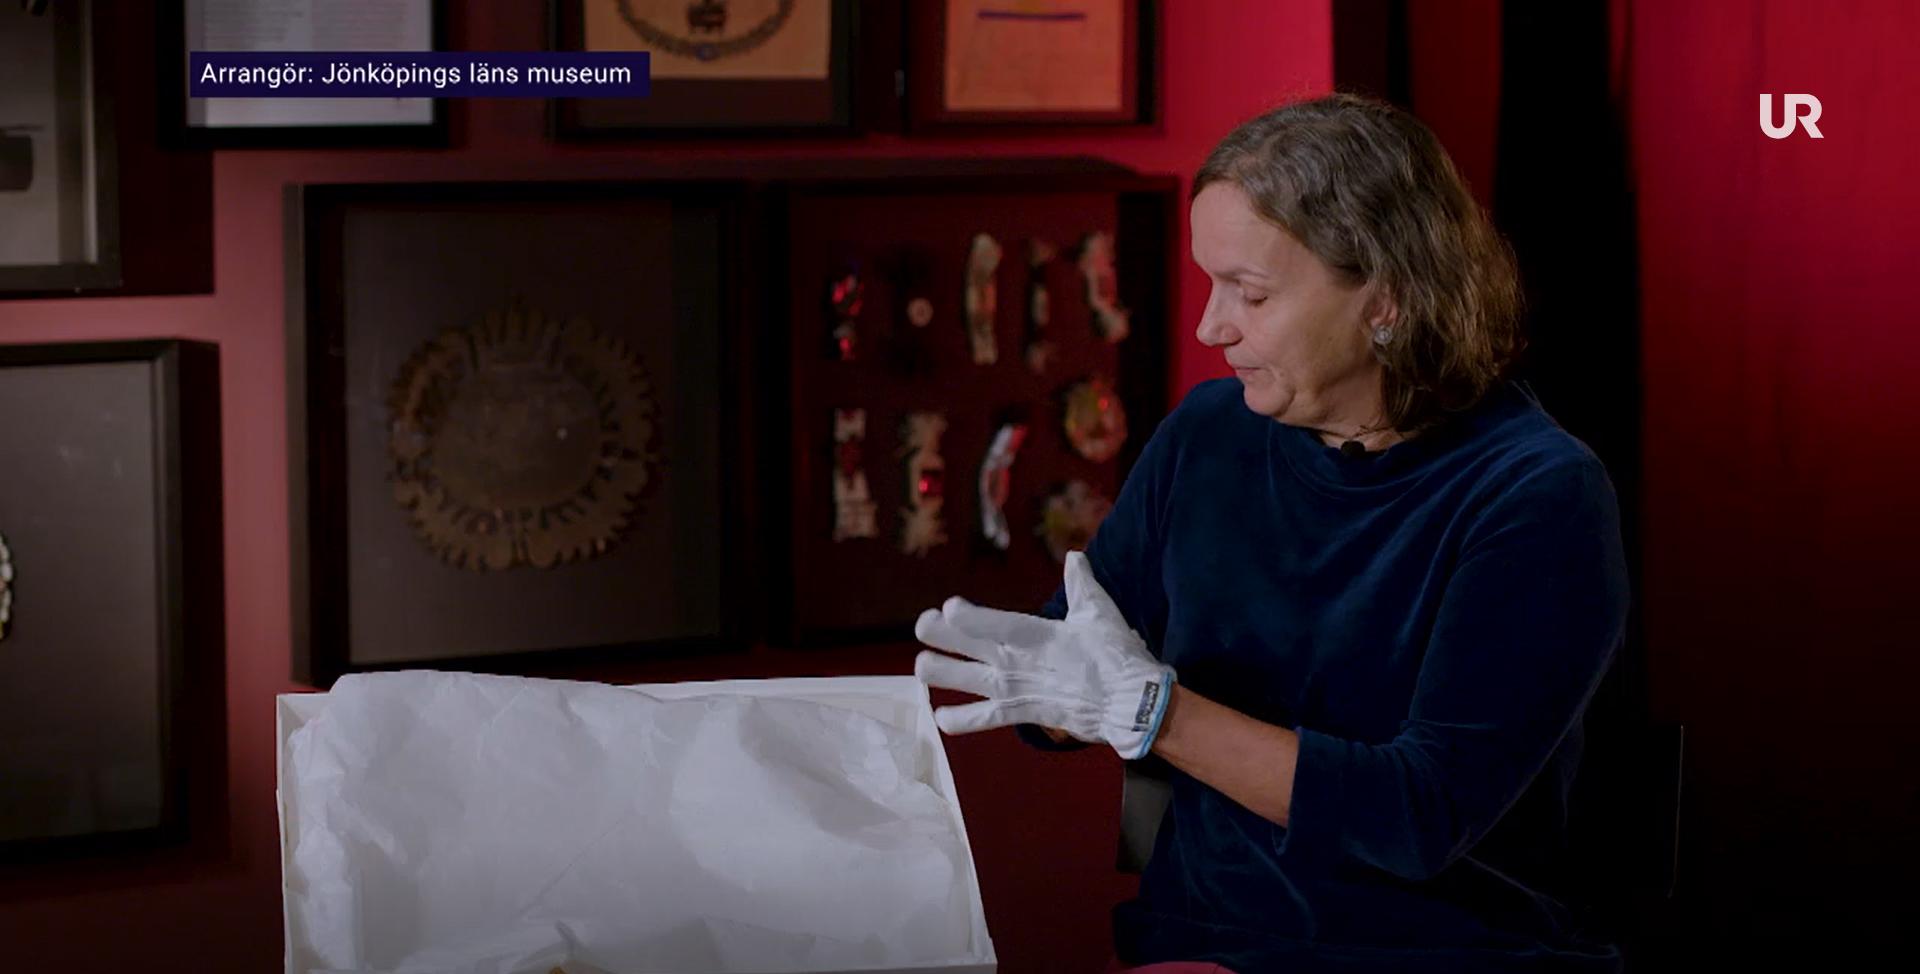 Utställningsproducent Katali Jarefjäll sitter med vita handskar på och ska visa ett föremål ur museets samlingar